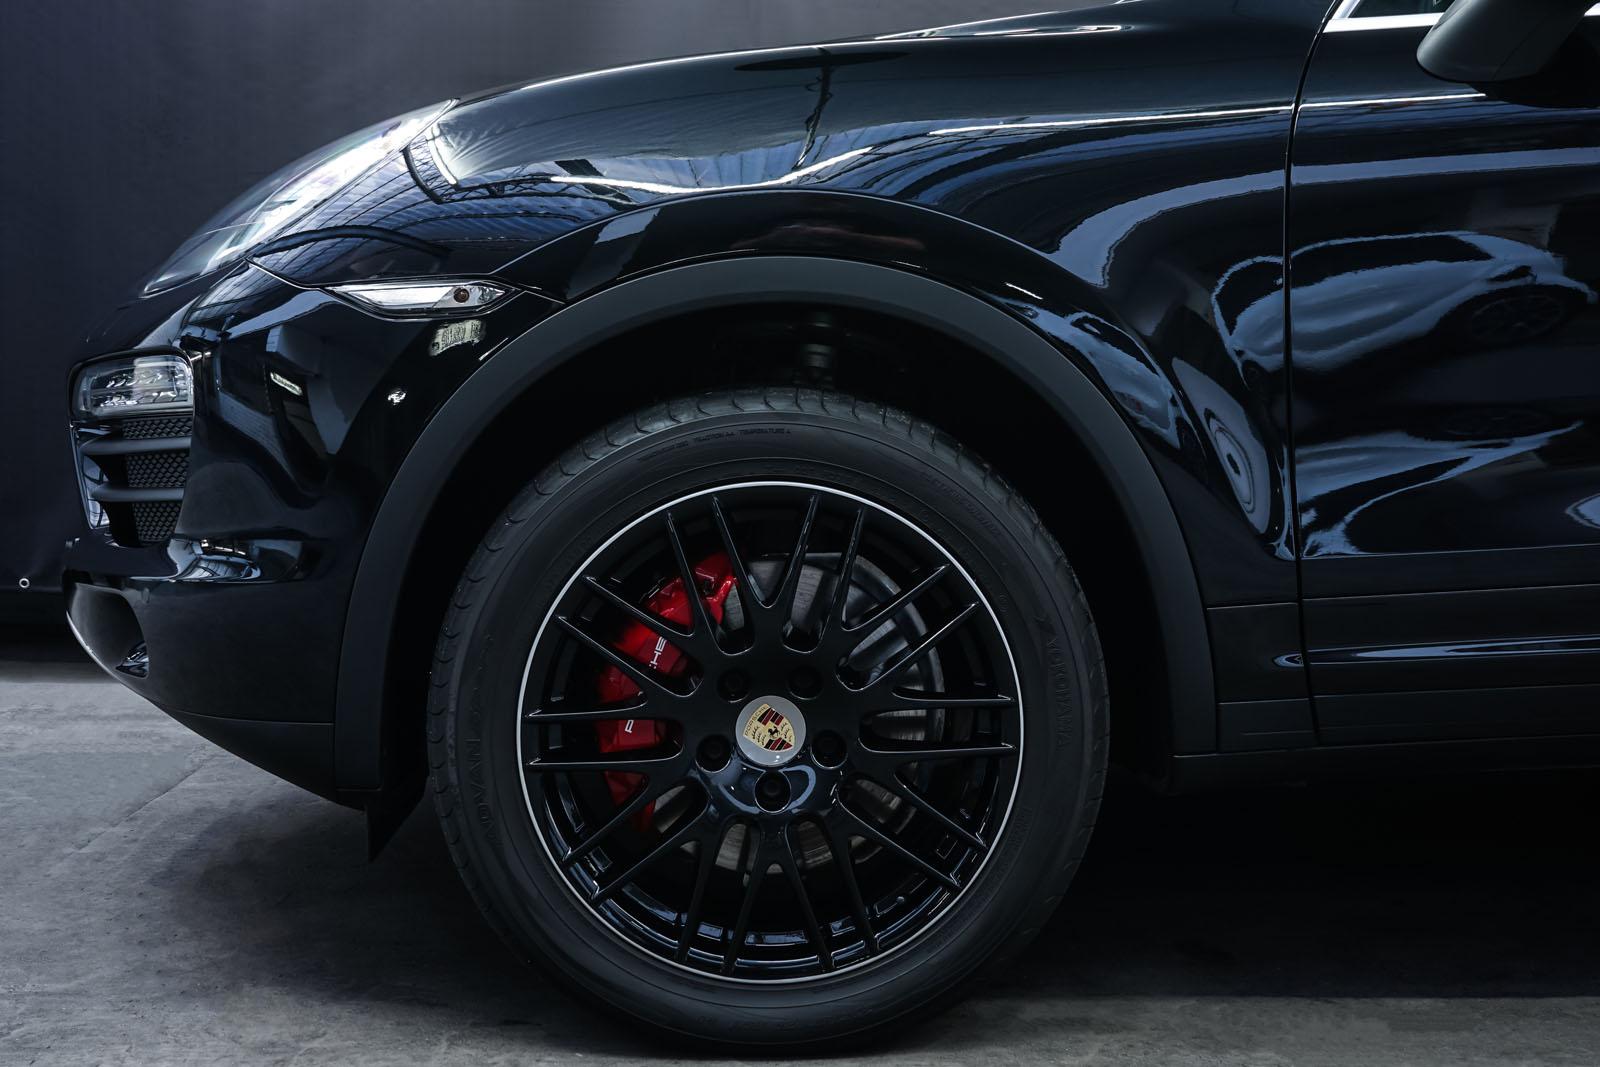 Porsche_CayenneS_Schwarz_Schwarz_POR-2086_3_w